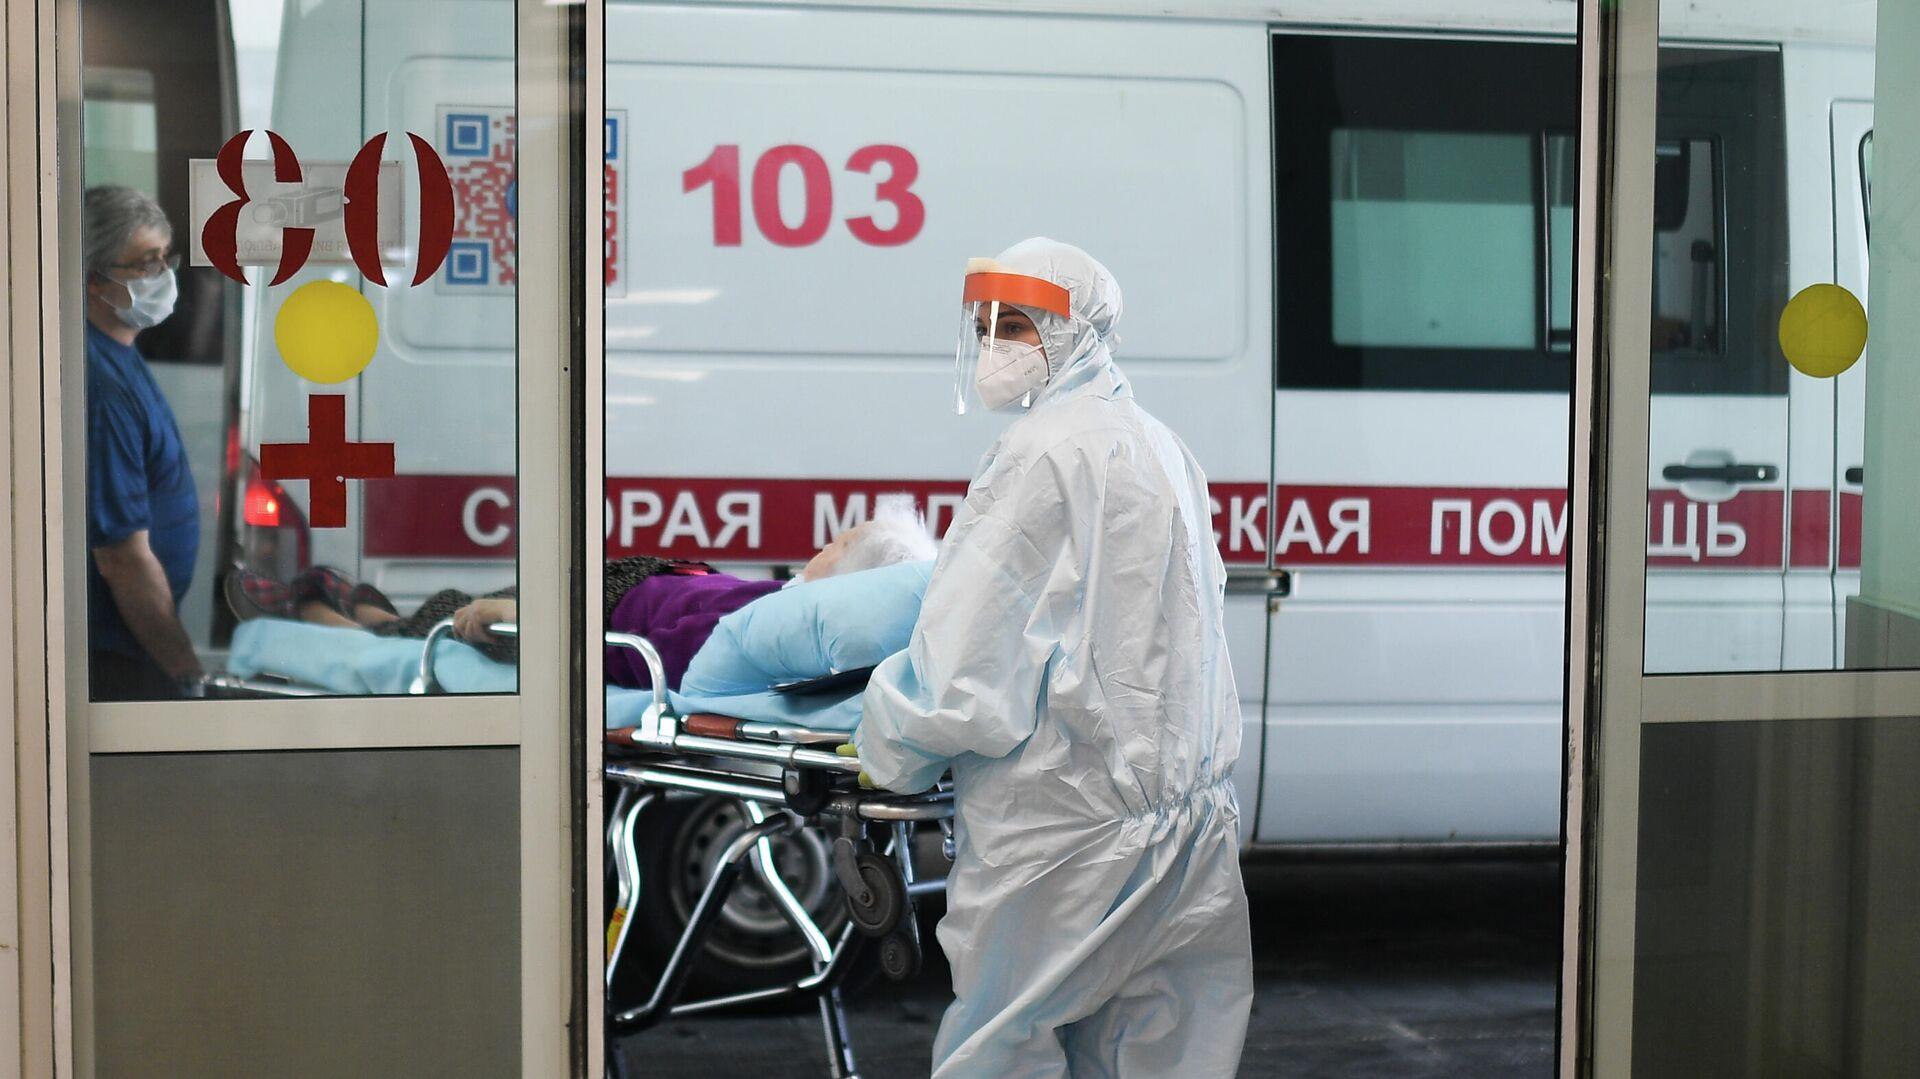 Врачи скорой помощи везут пациента в приемное отделение  - РИА Новости, 1920, 24.07.2021